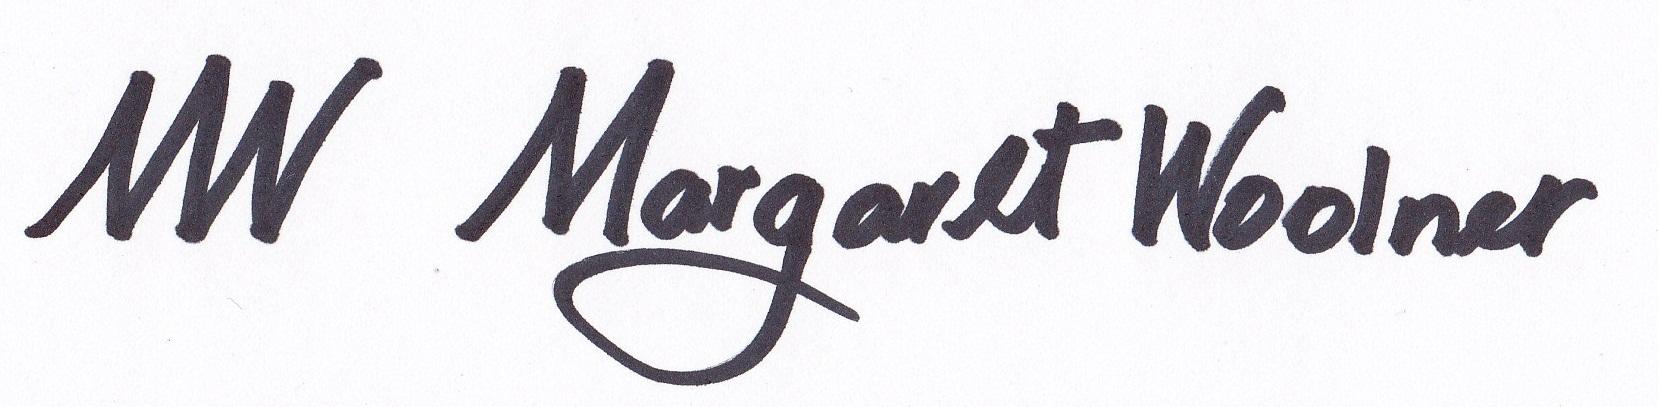 MARGARET WOOLNER Signature